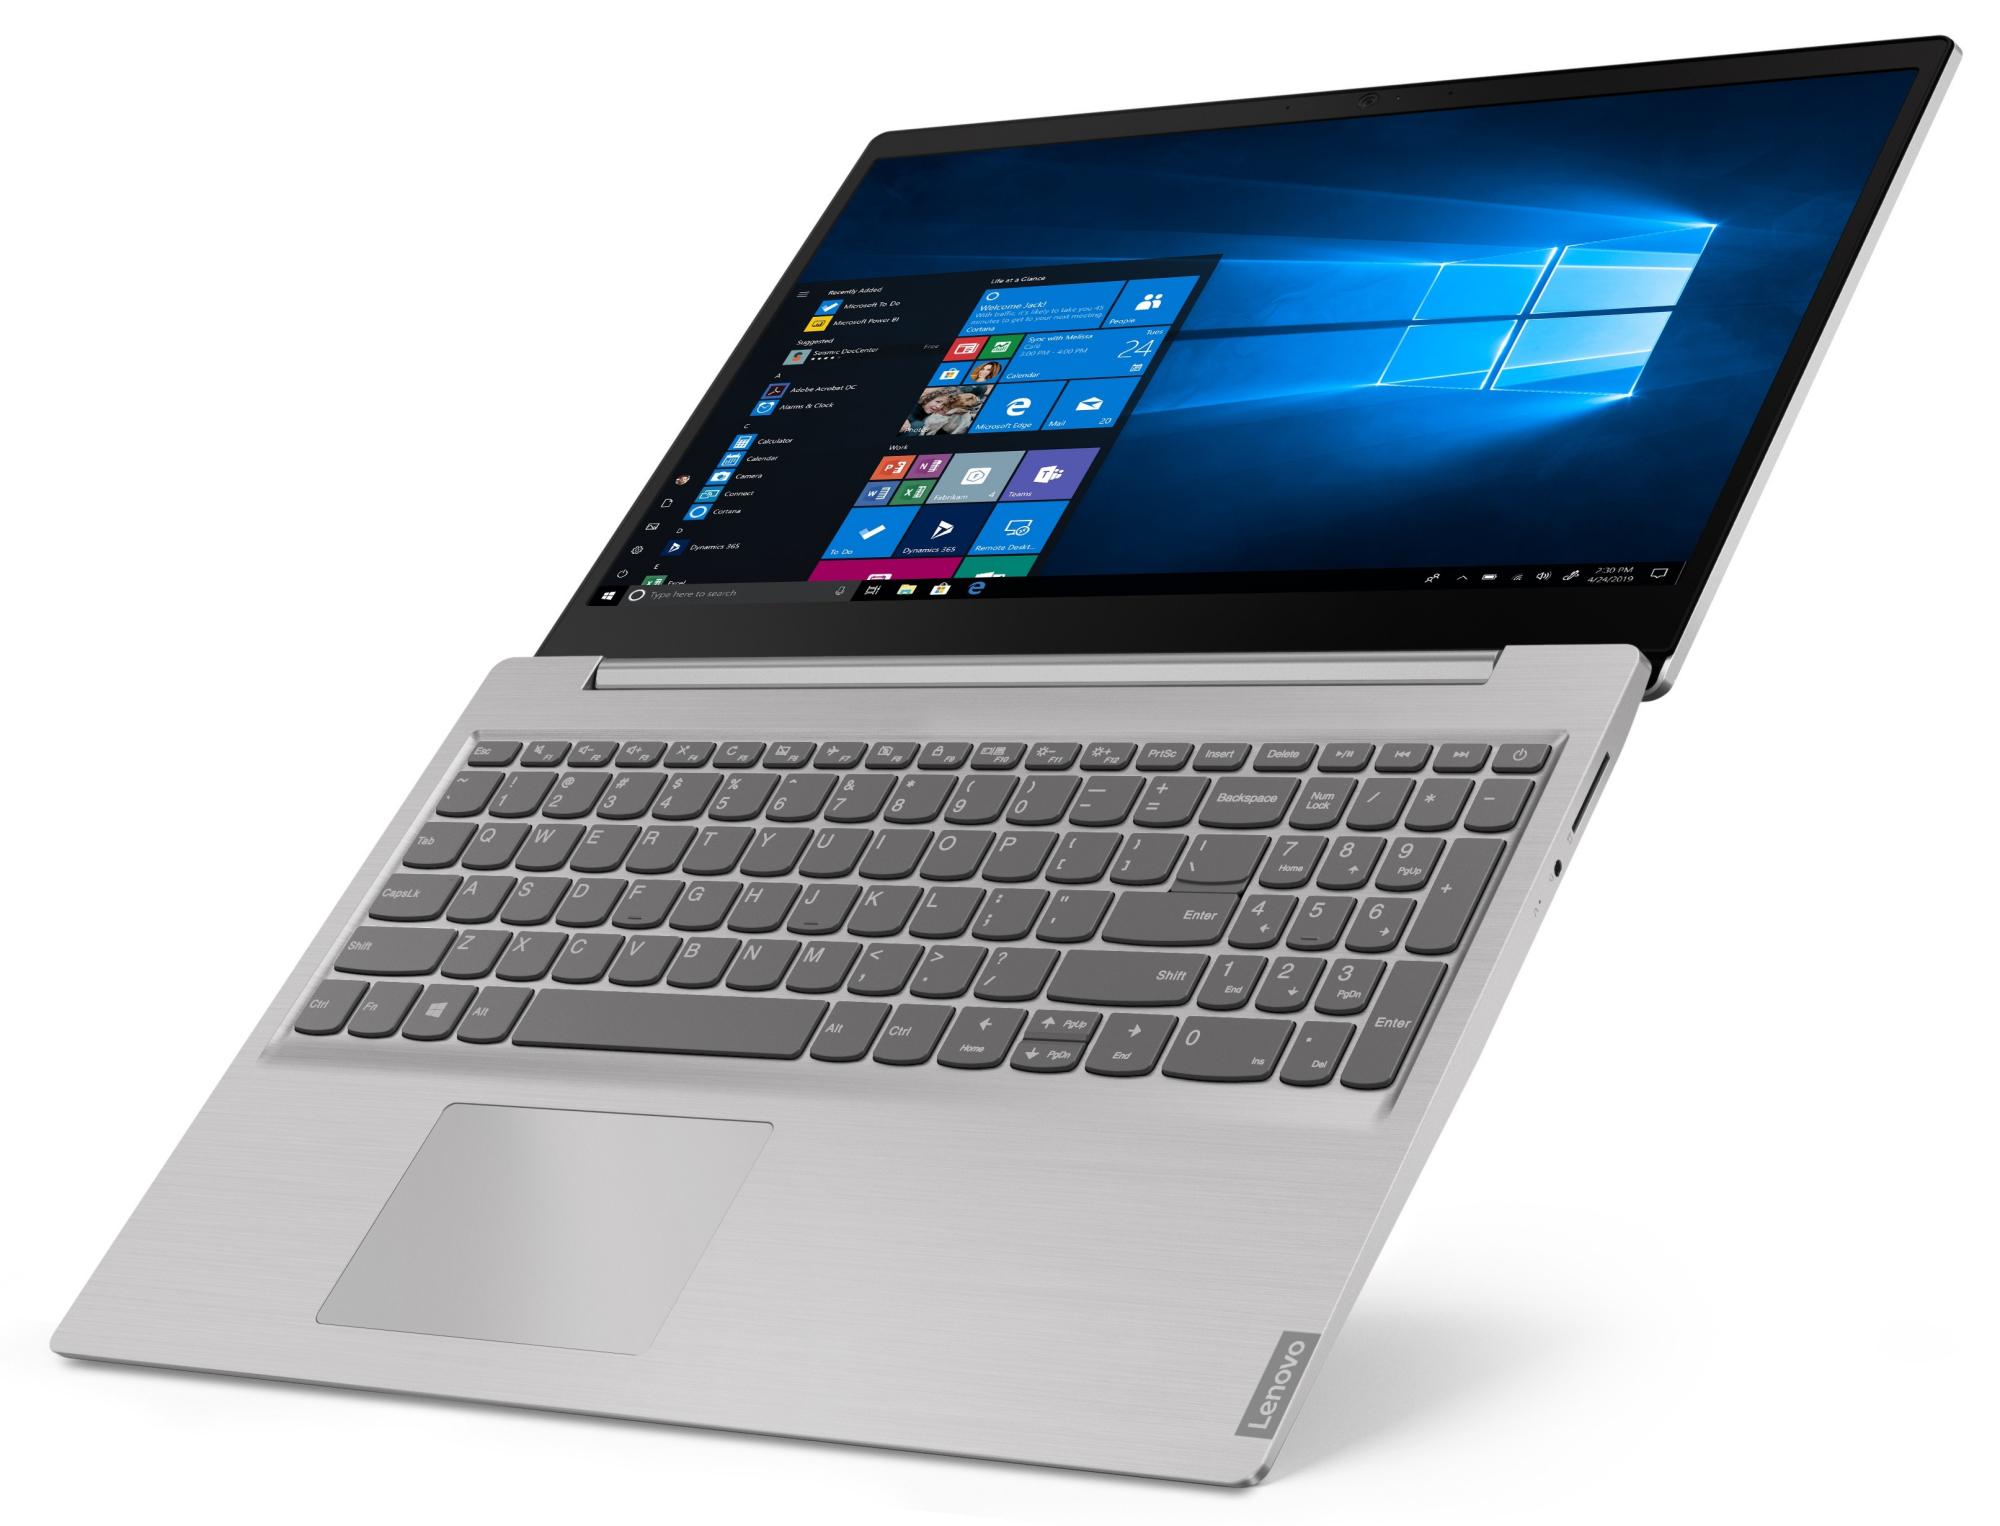 Recensione del Laptop Lenovo IdeaPad S145-15API: un economico portatile da ufficio con un'APU AMD Athlon - Notebookcheck.it